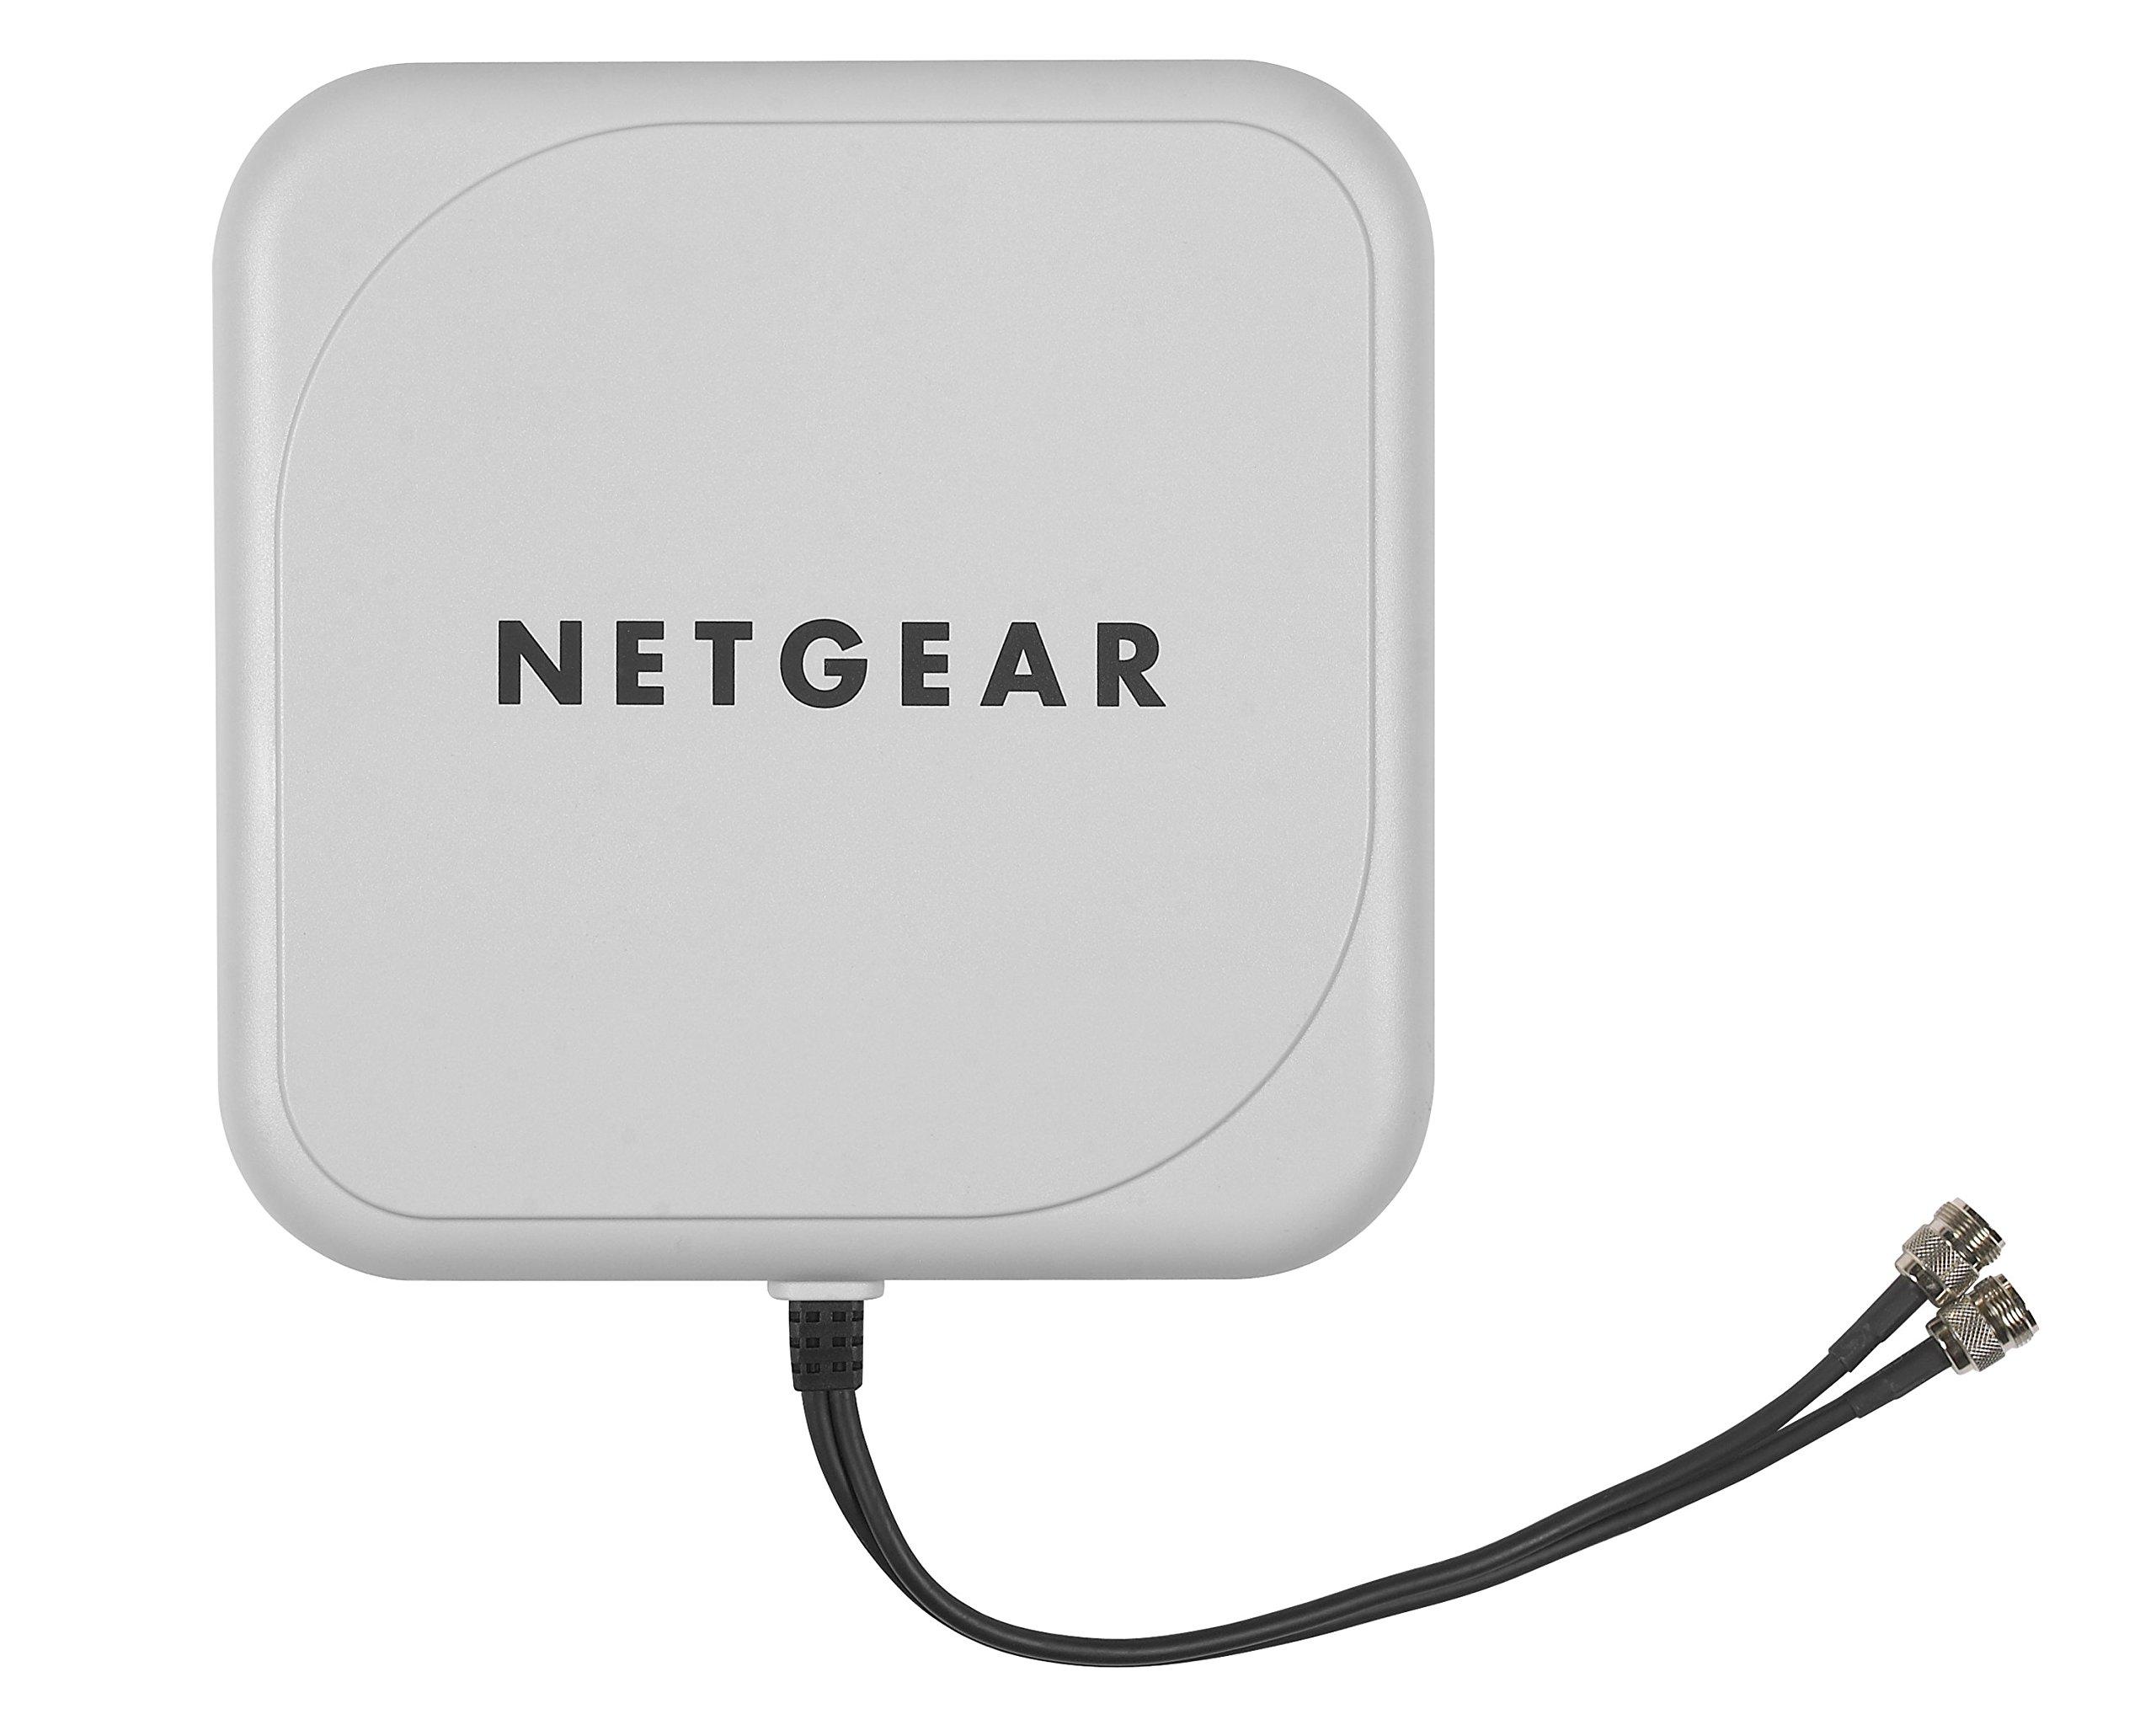 Netgear ANT224D10  ProSafe 10 dBi 2x2 indoor/outdoor directional antenna